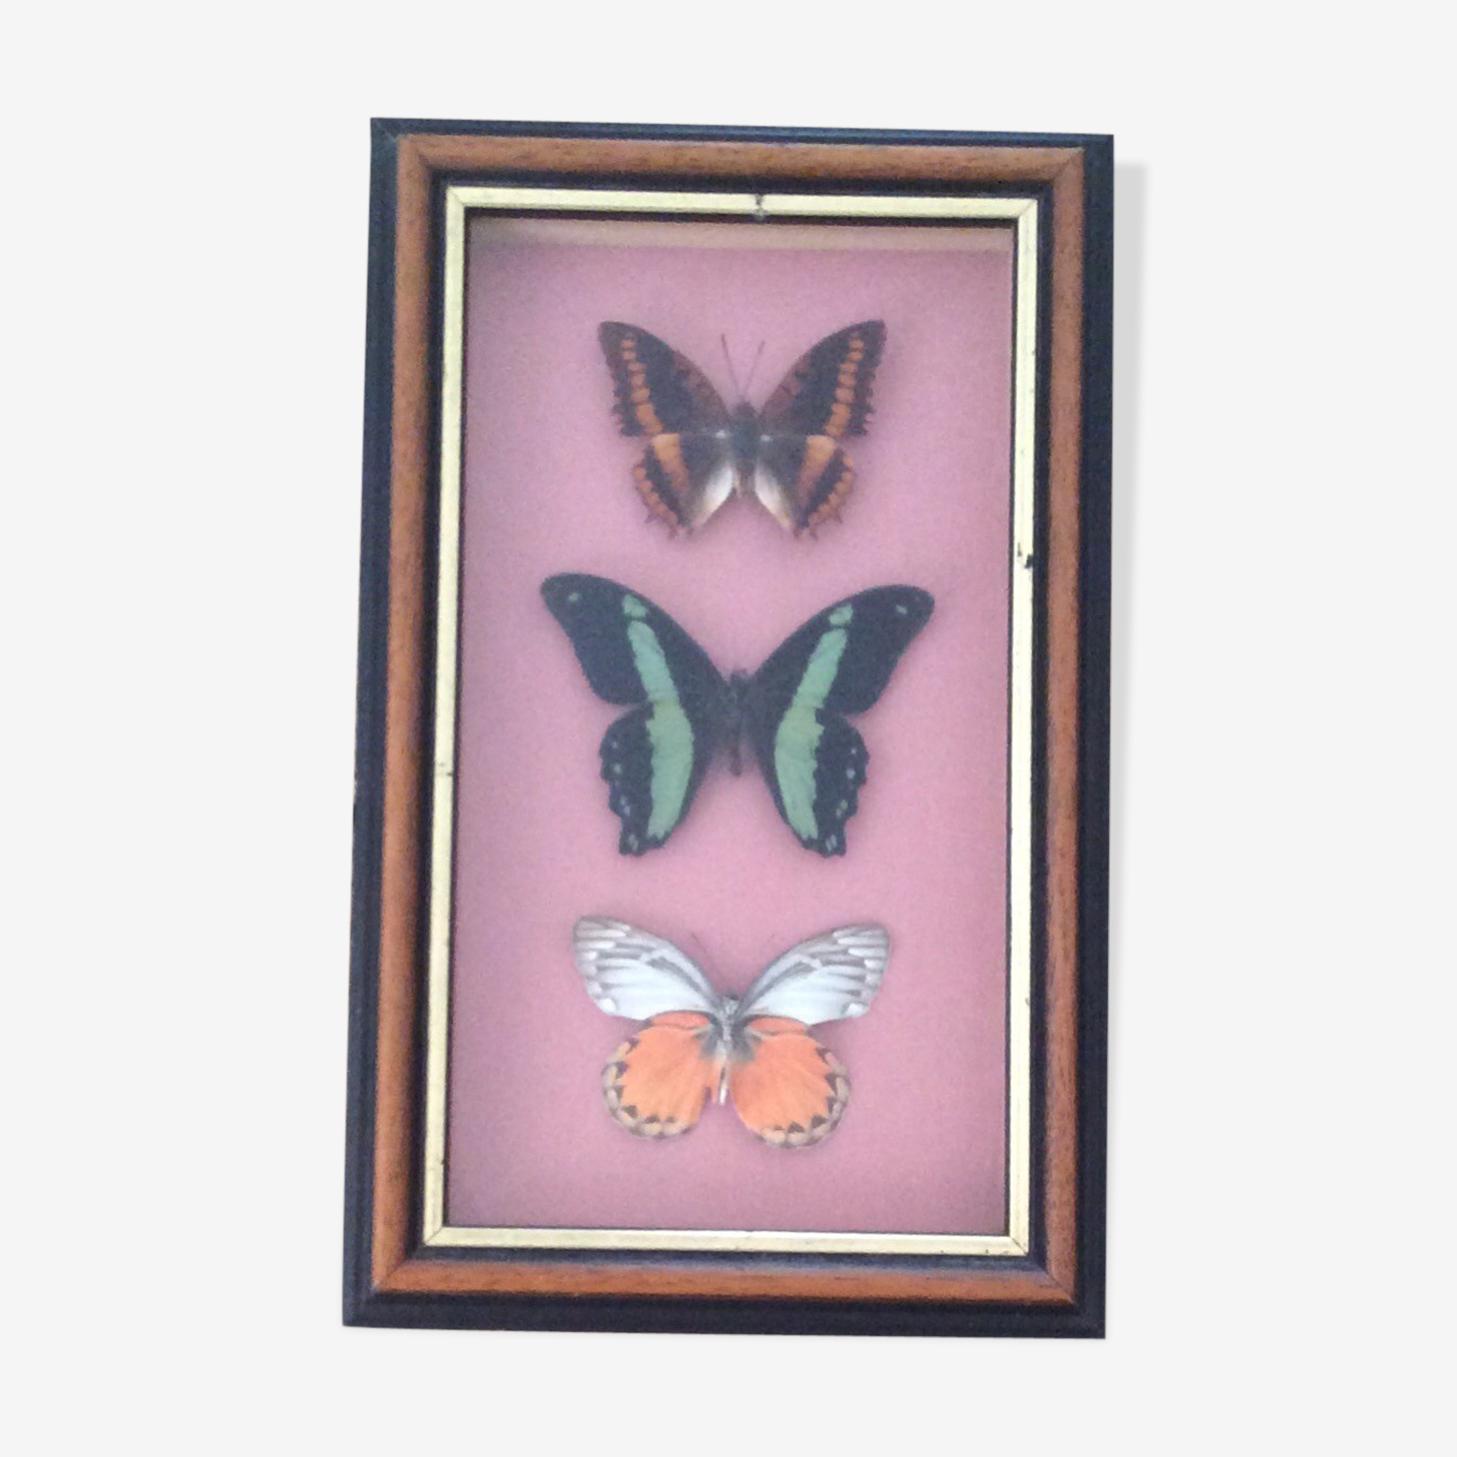 Framework butterflies under glass